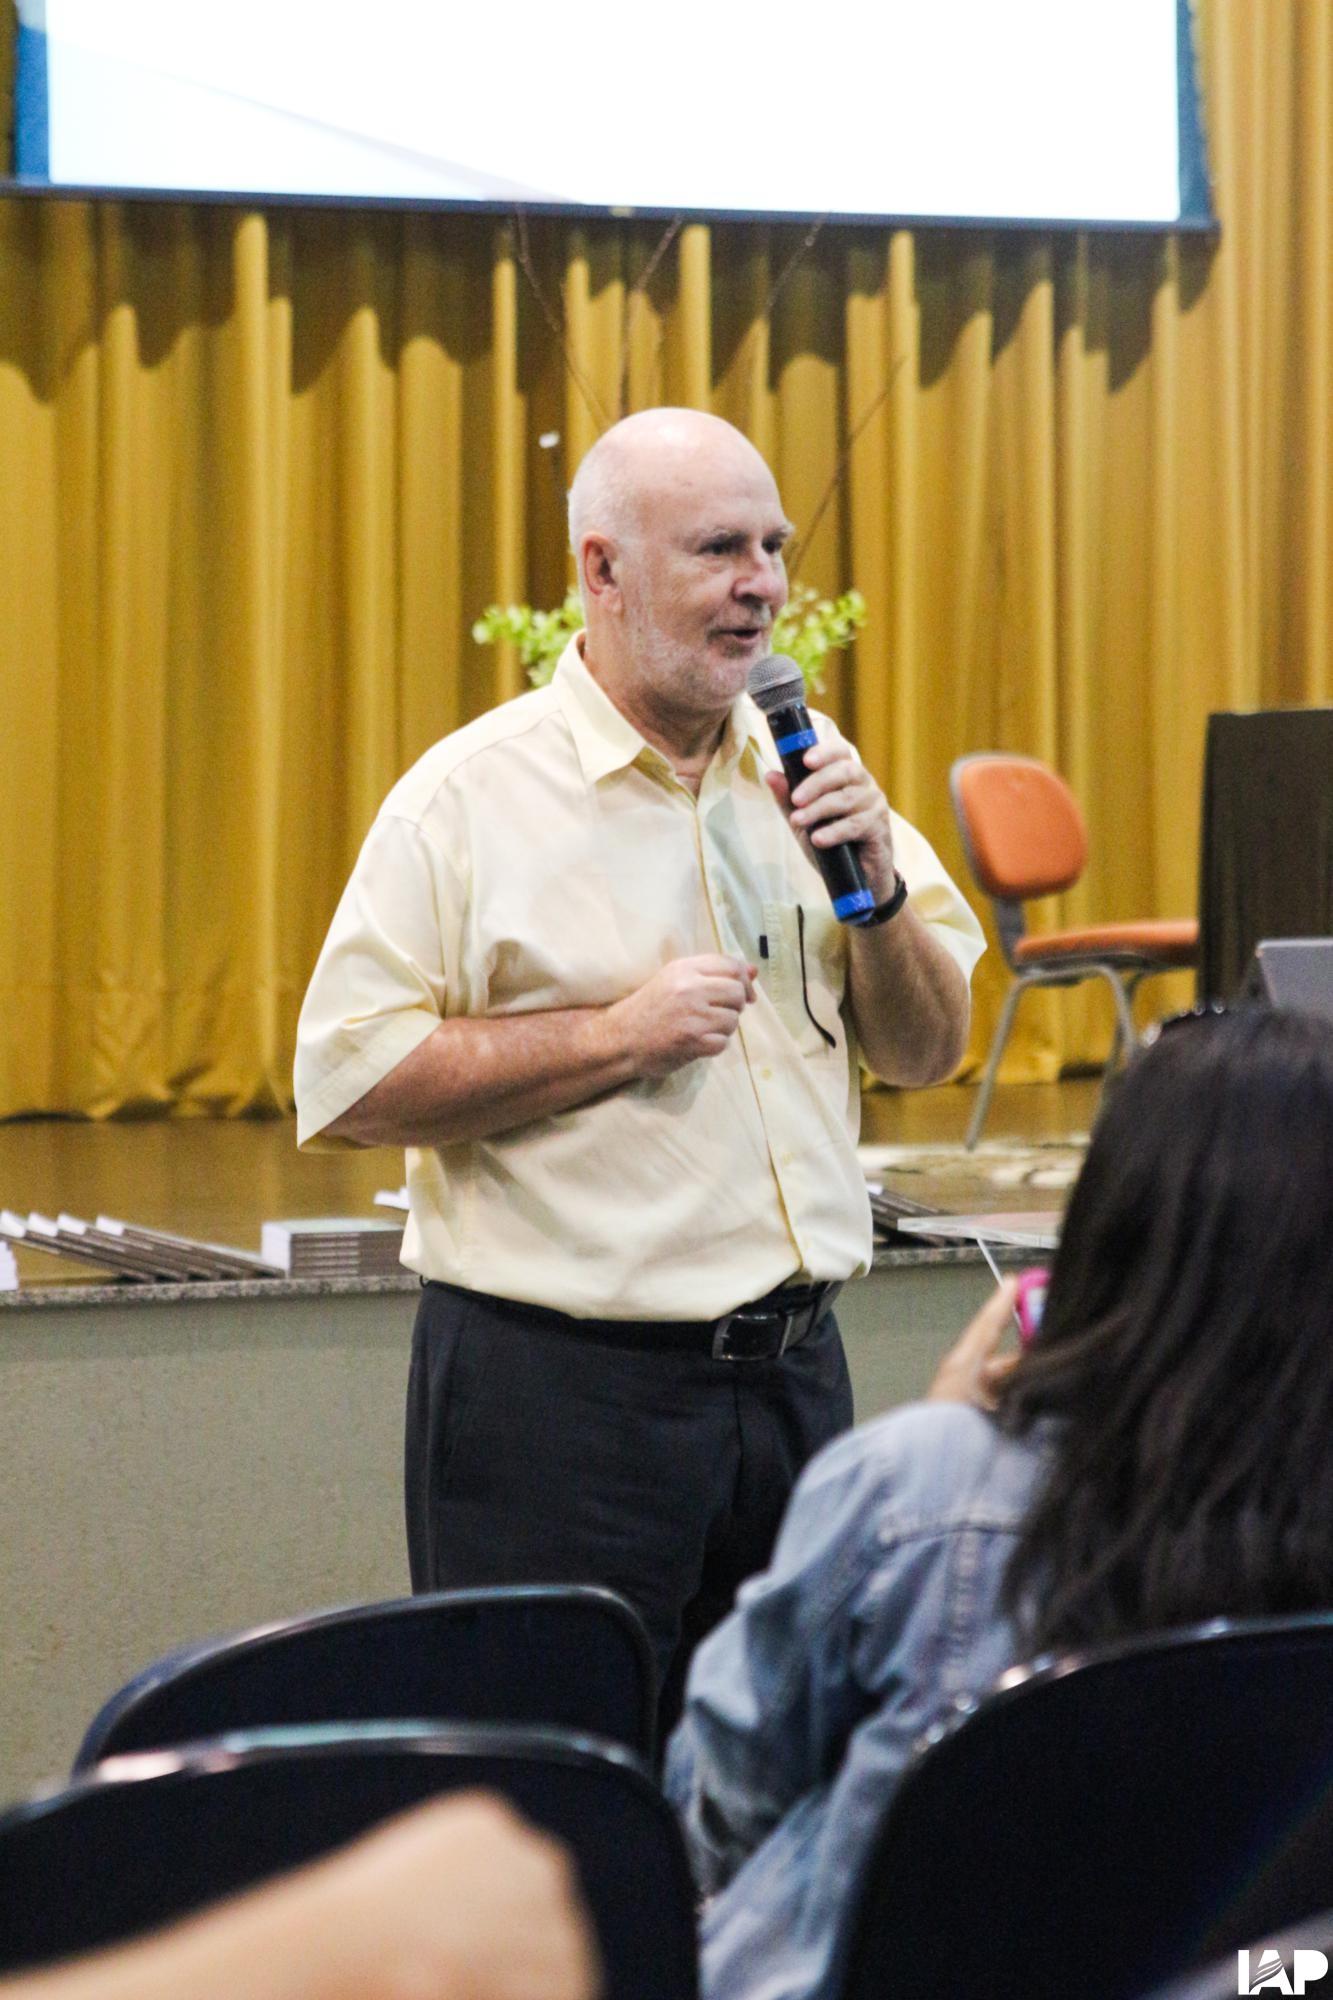 Doutor em educação palestra para acadêmicos no Paraná